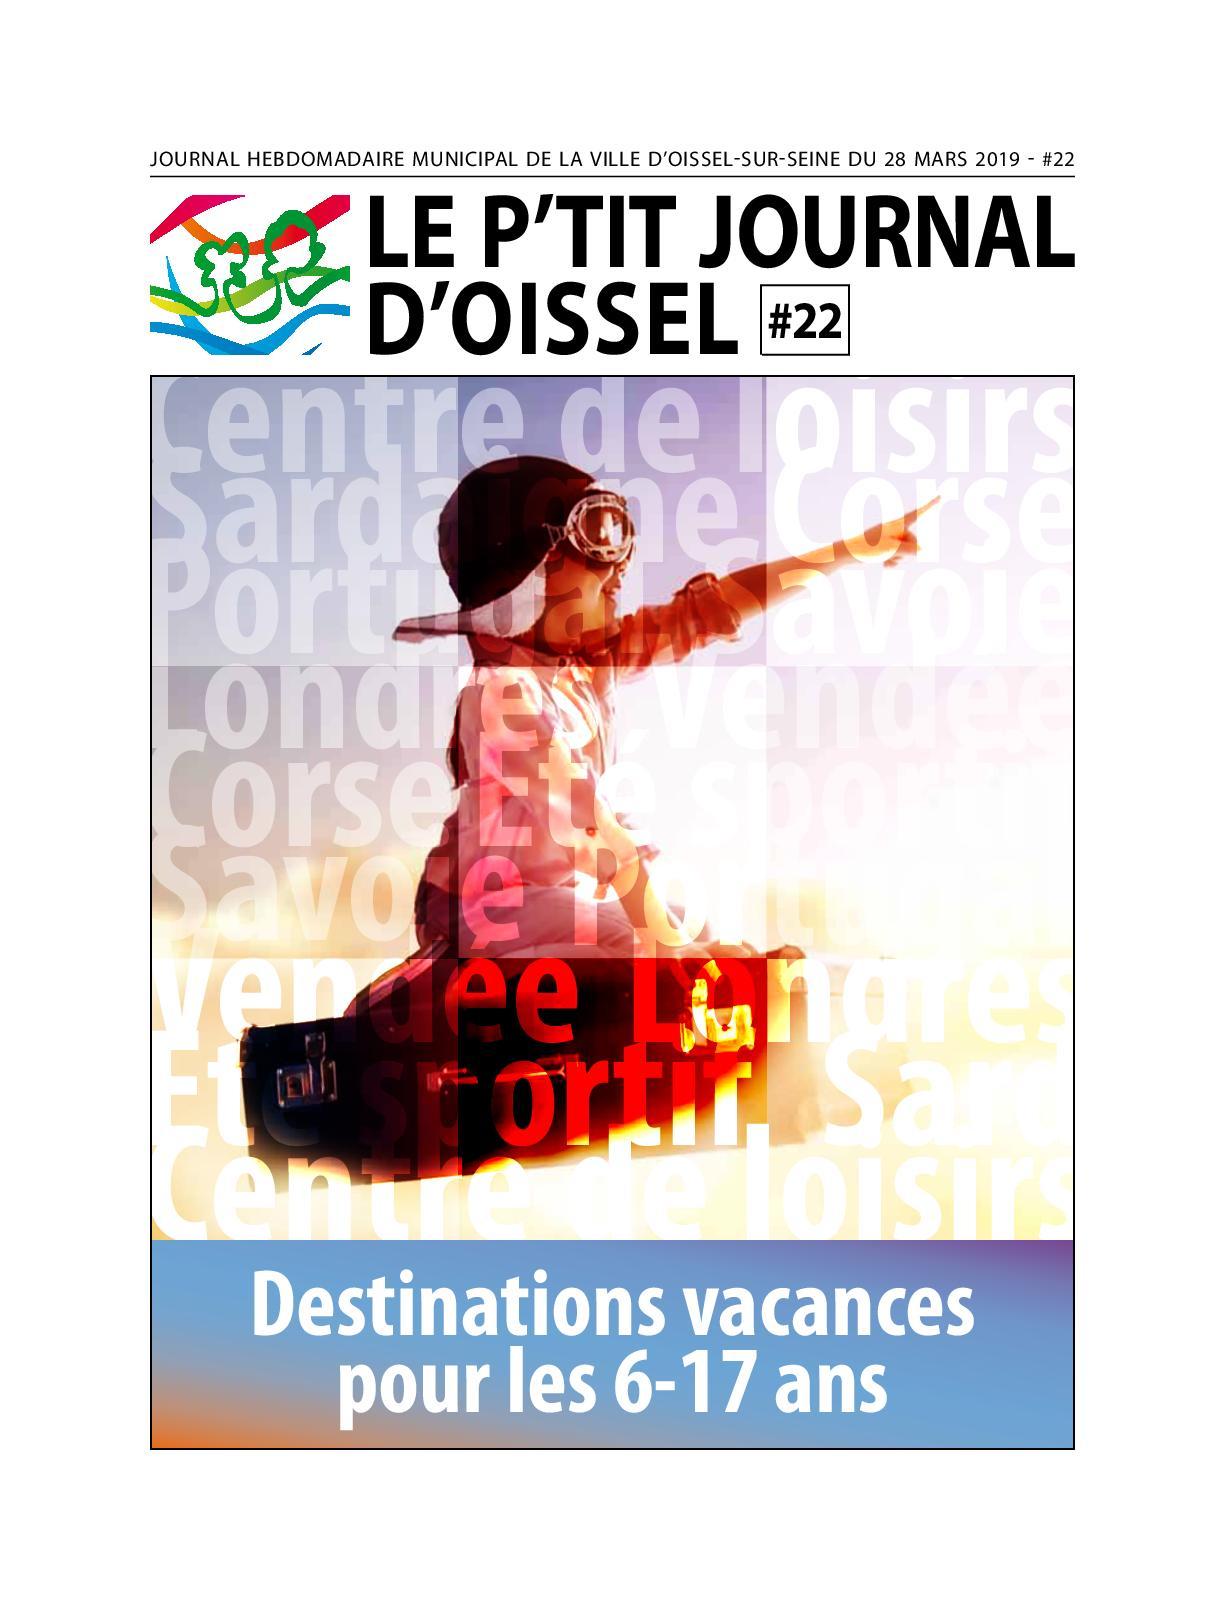 Calaméo - Le P'tit Journal D'oissel #22 pour Piscine Pavilly